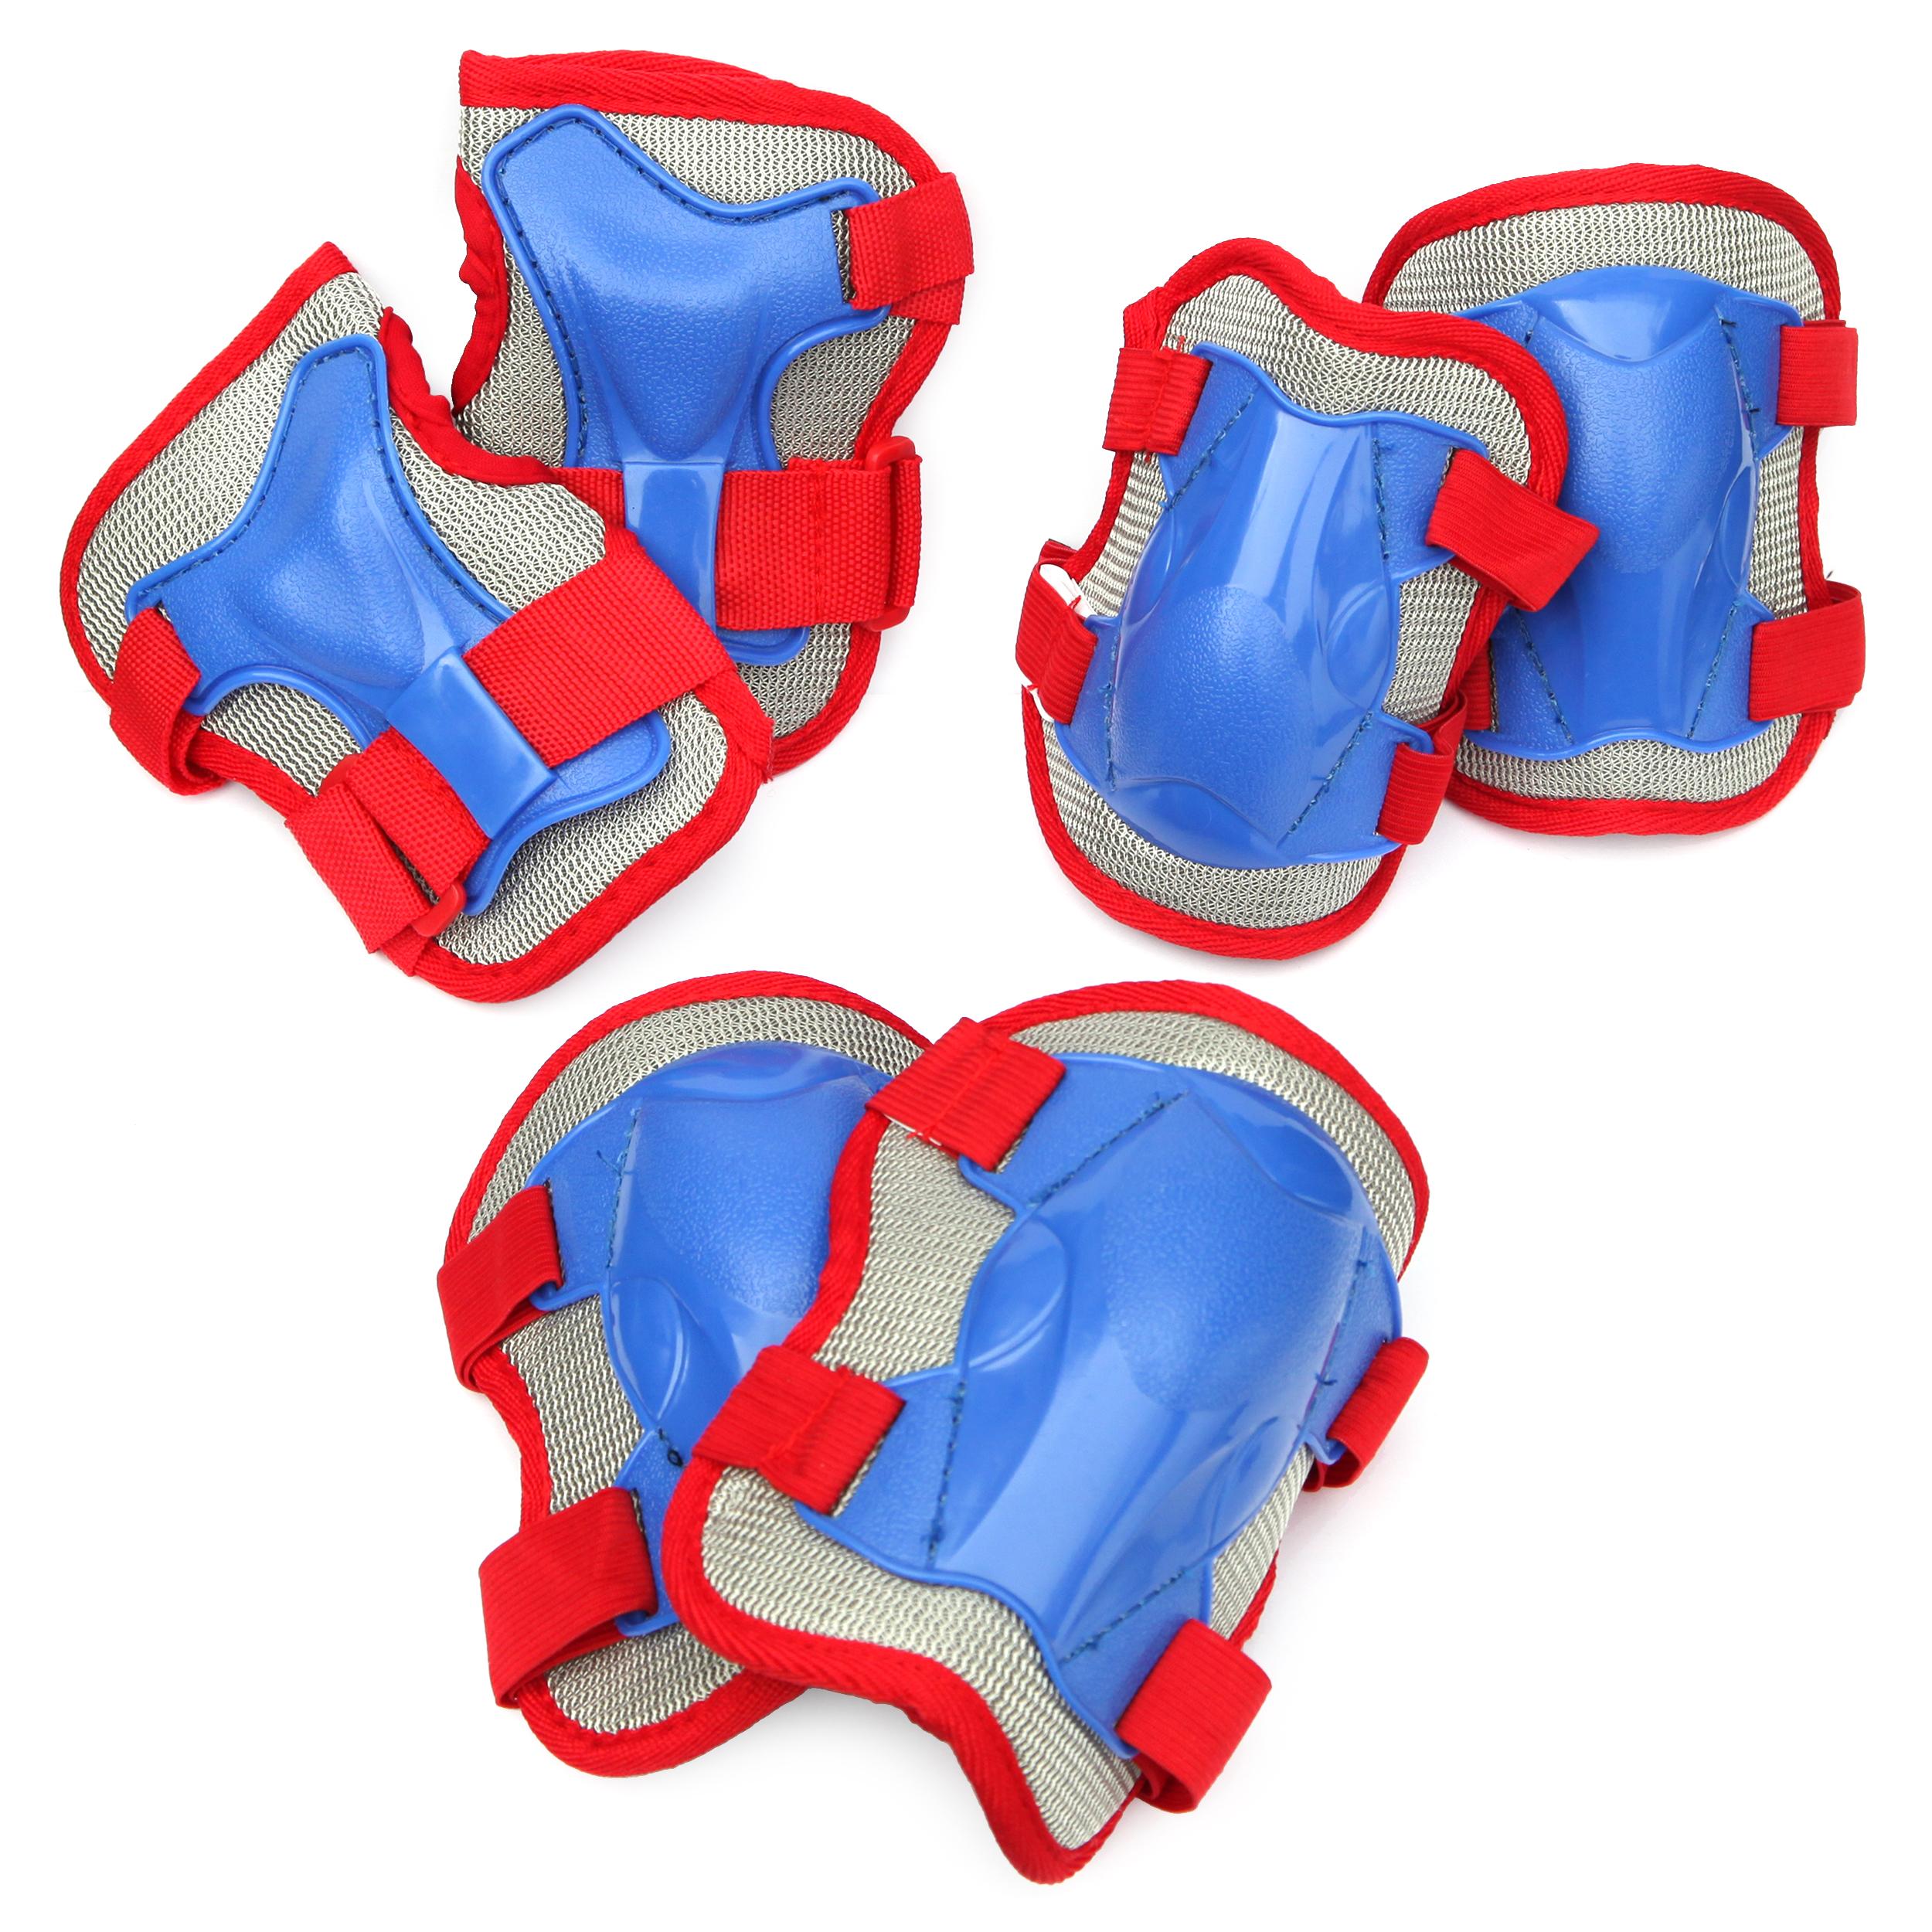 Apollo Knie- Ellenbogen und Handgelenkschoner Set Gr. M, Farbe: blau